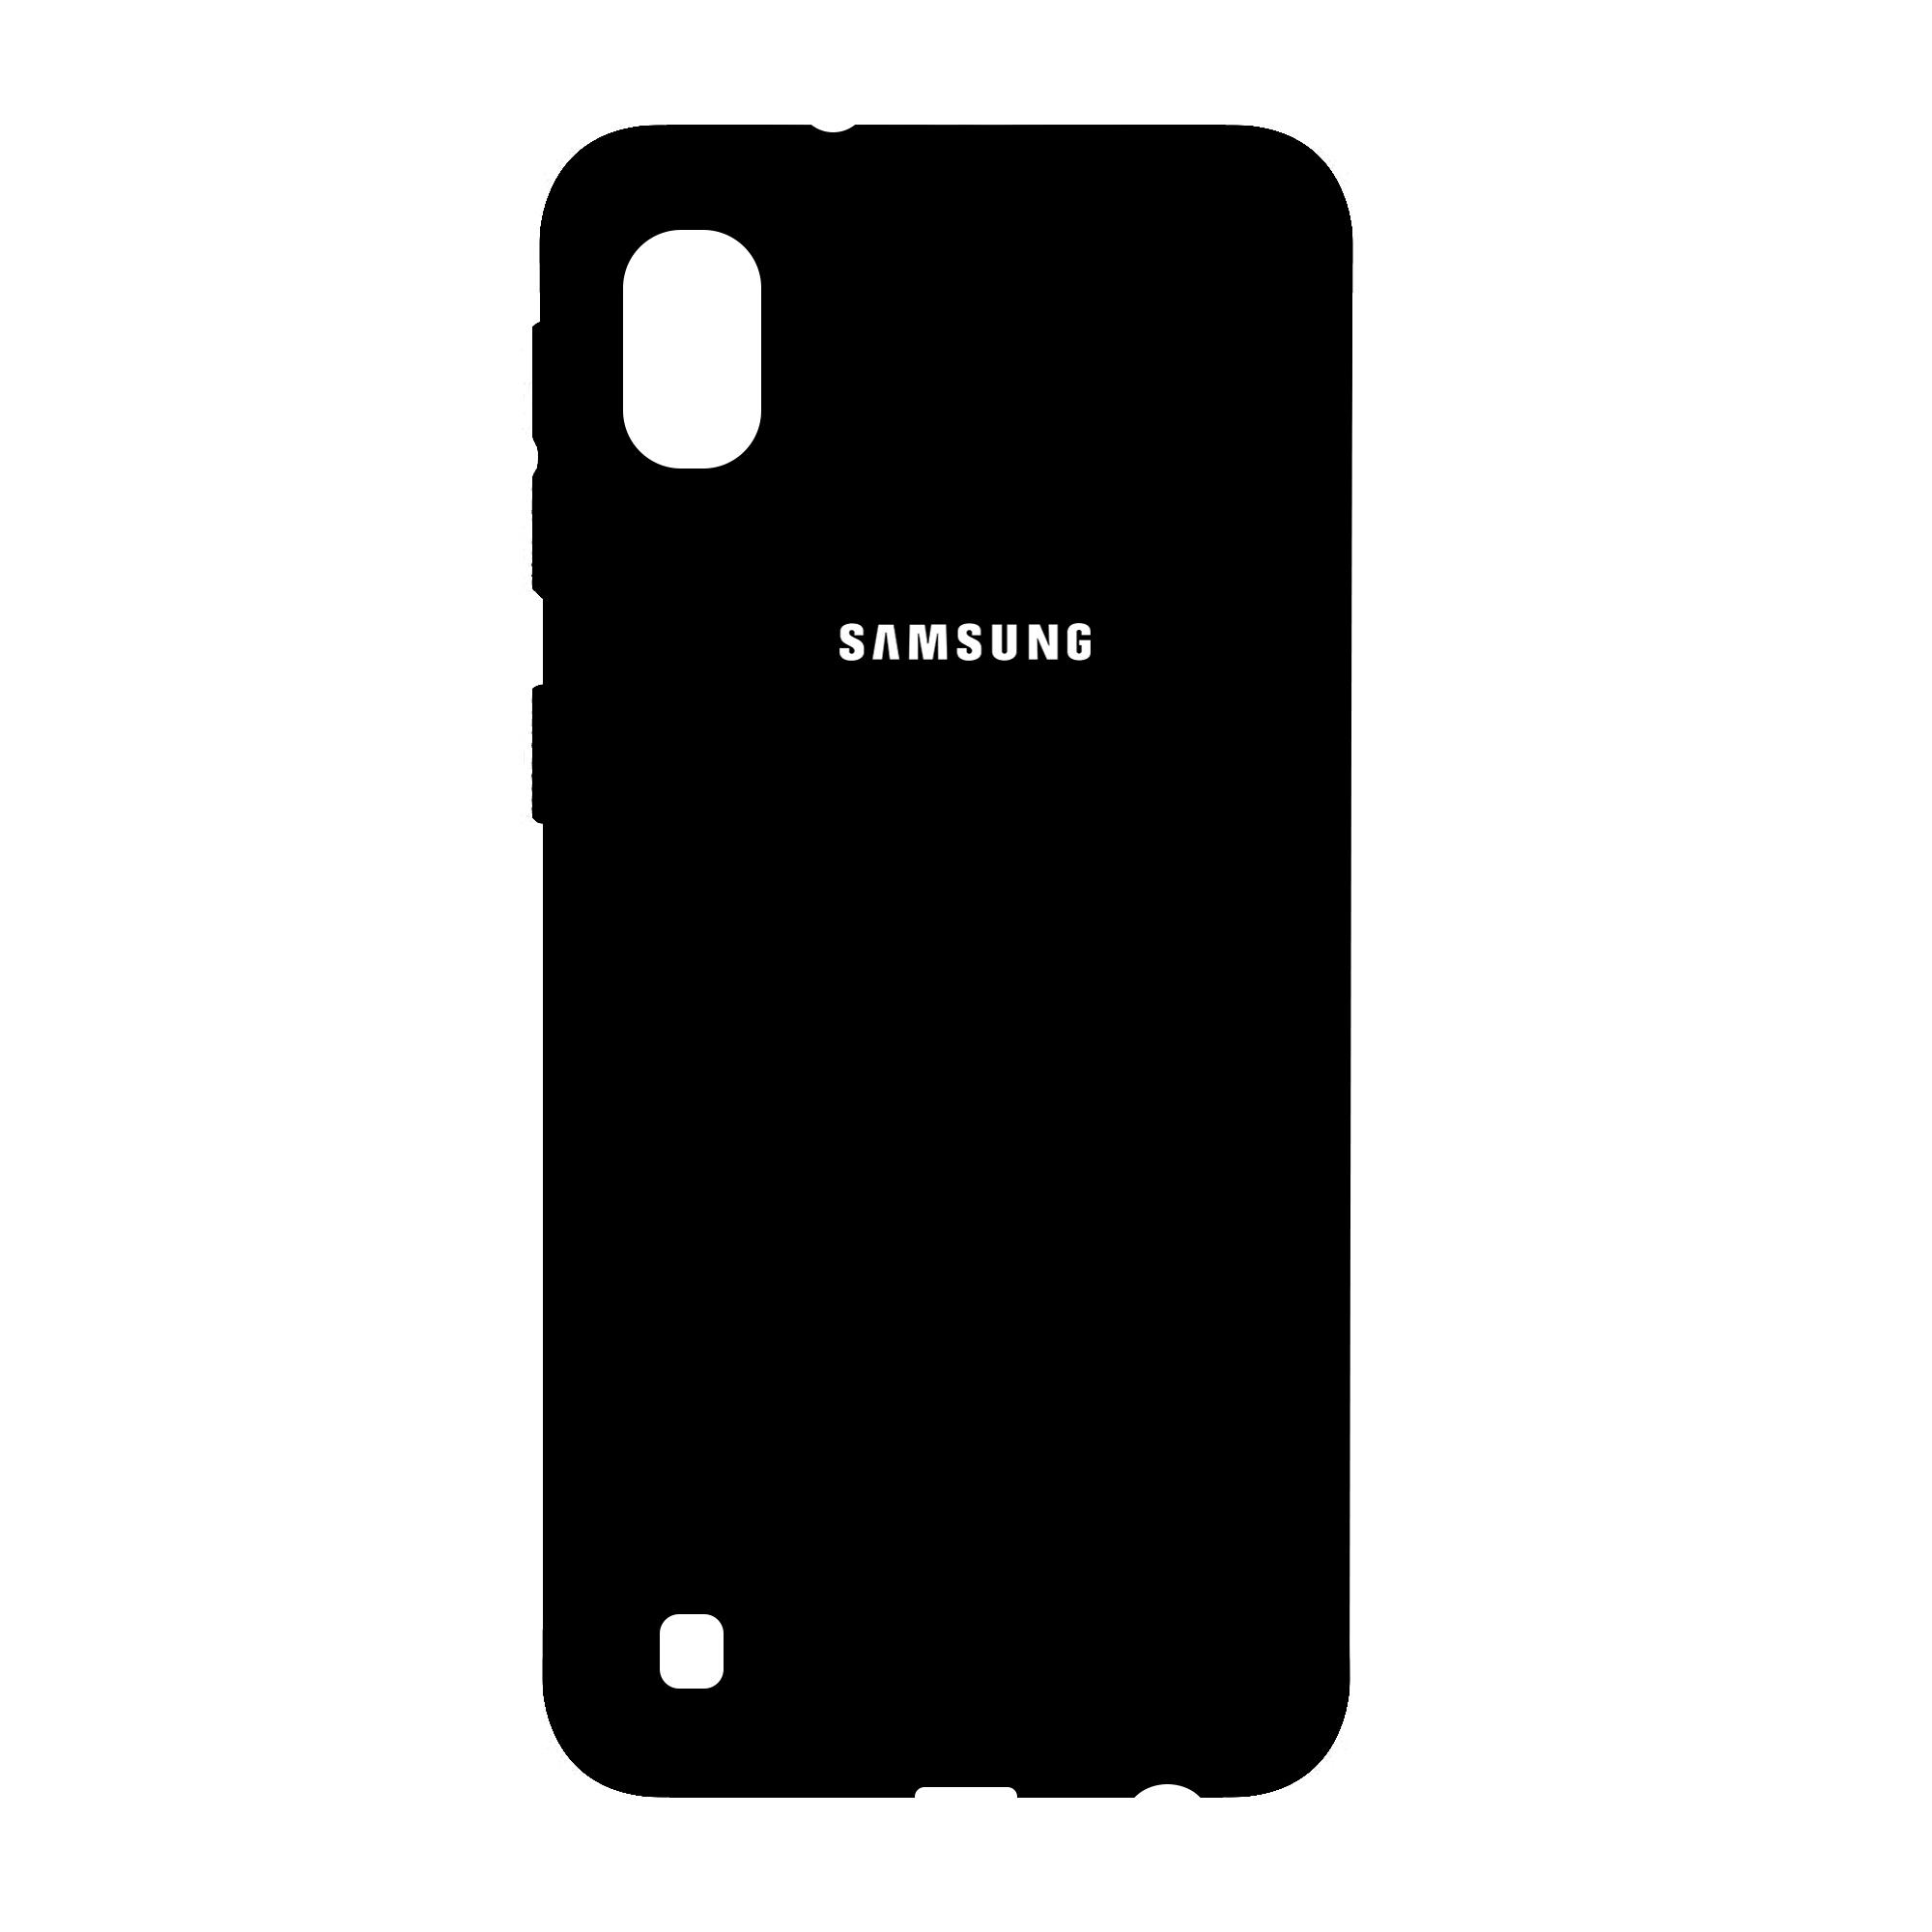 کاور مدل Silc مناسب برای گوشی موبایل سامسونگ Galaxy A10              ( قیمت و خرید)